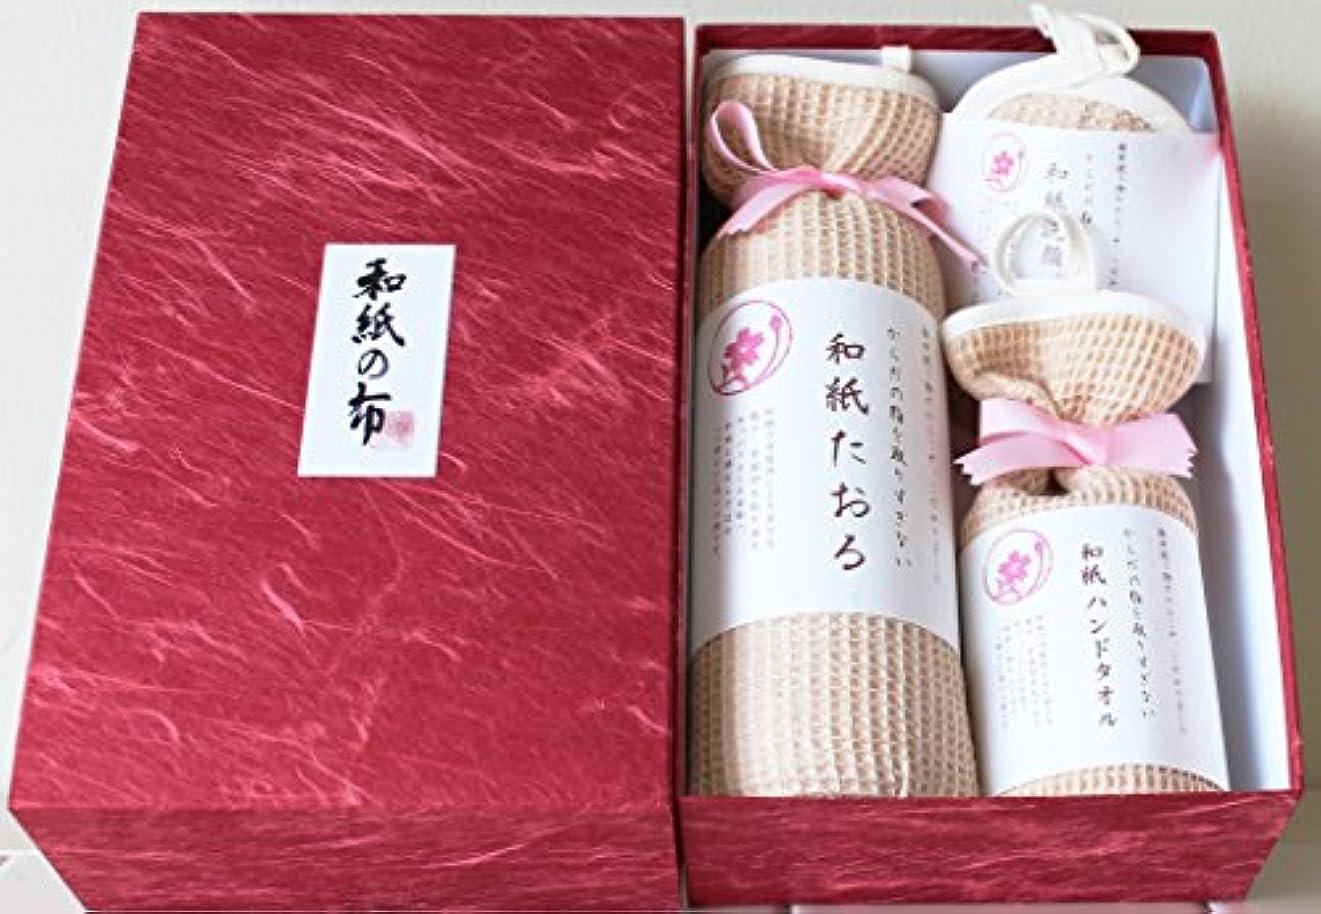 石制約顔料和紙の布、ギフトセット、浴用タオル1本、ハンドタオル1枚、洗顔パフ1個